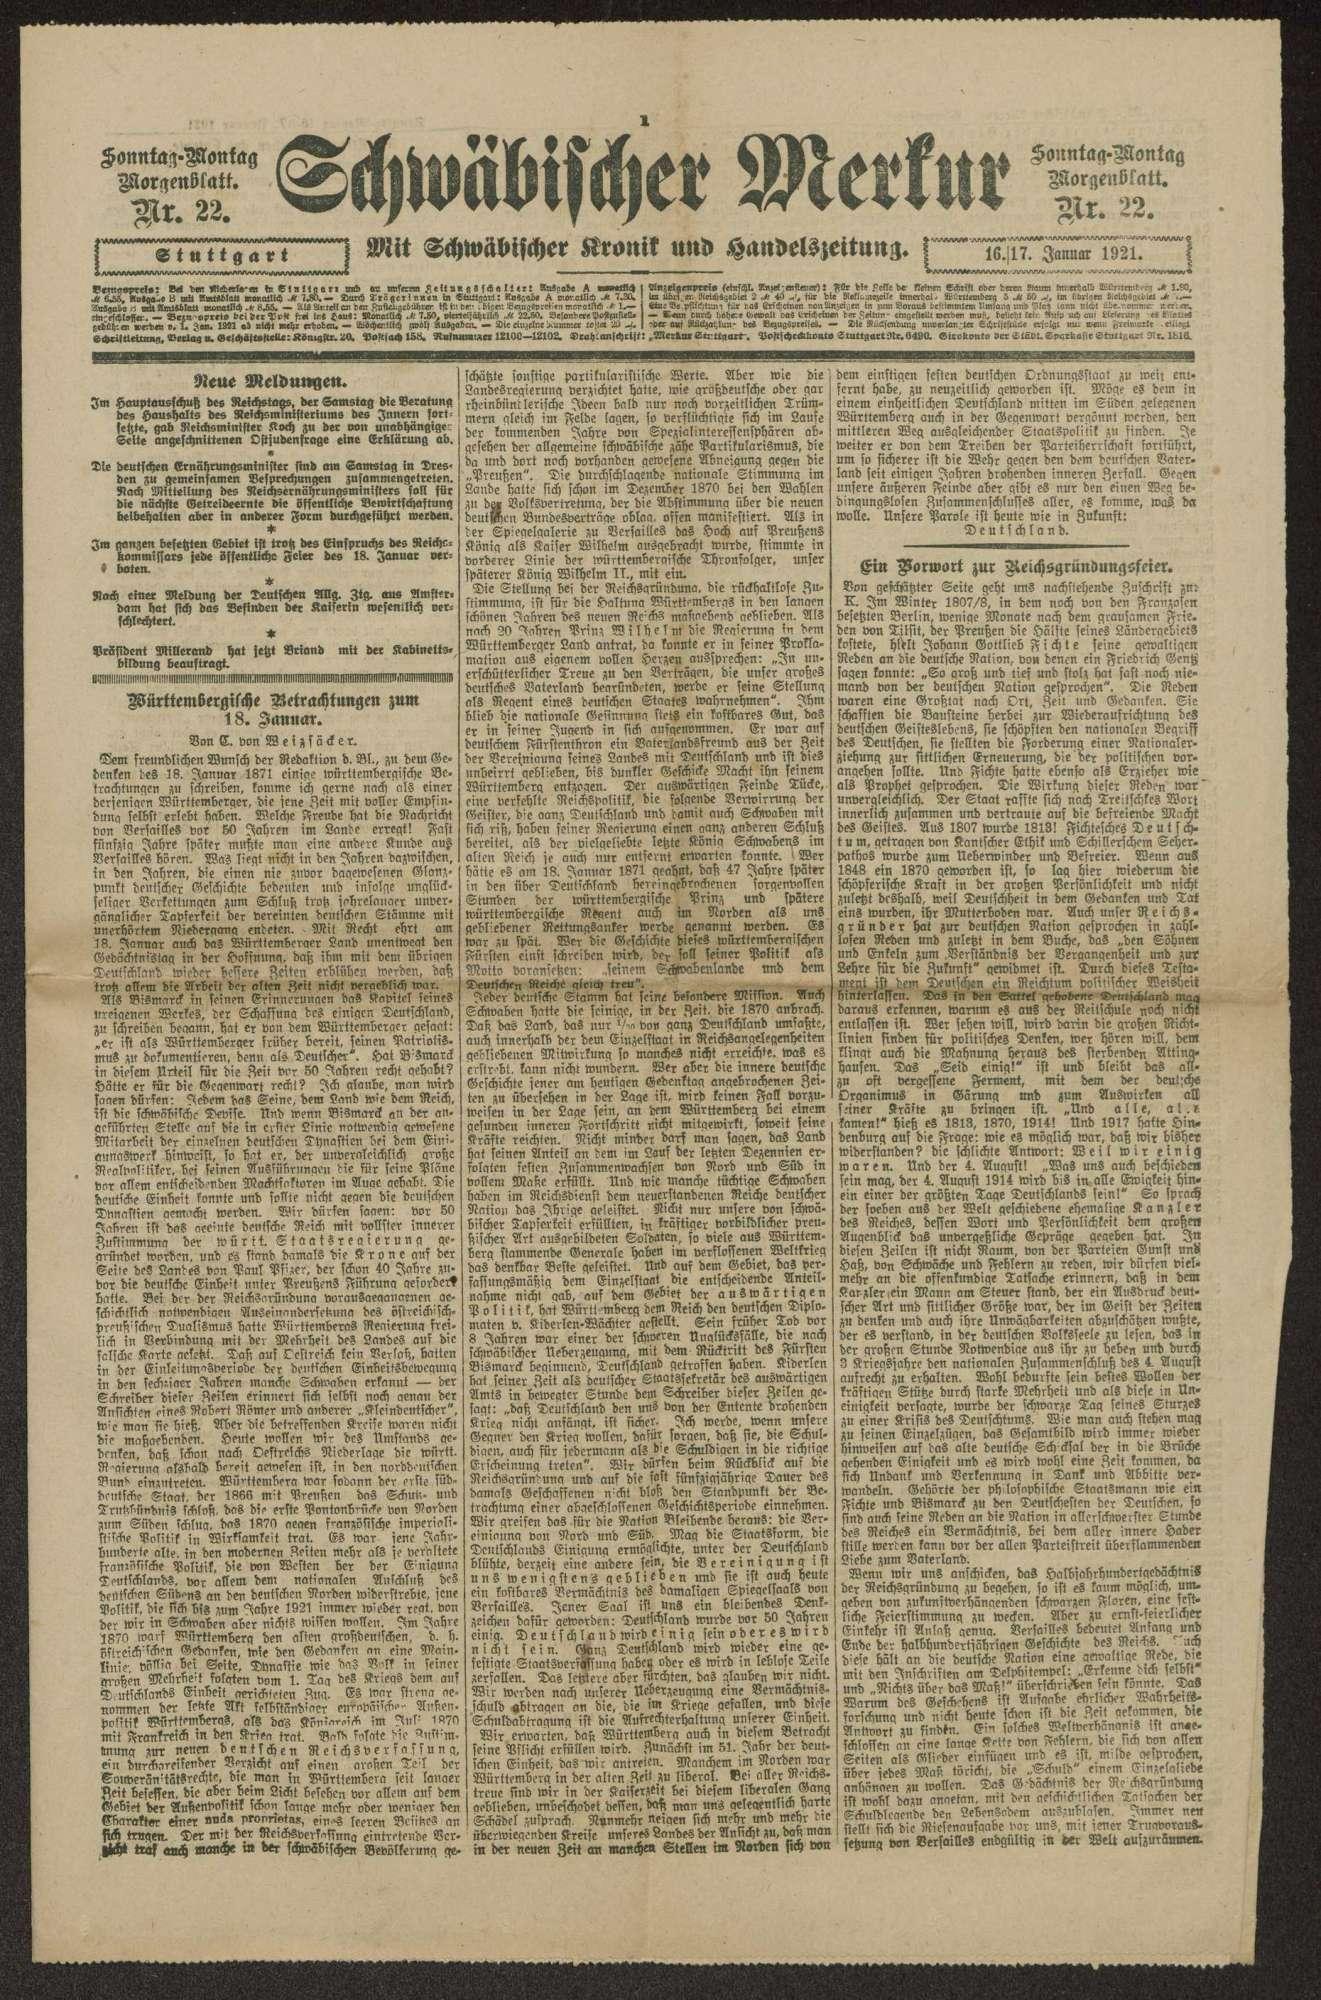 Veröffentlichungen von Weizsäcker. Schreiben, Druckschriften, Zeitungsausschnitte, Bild 2